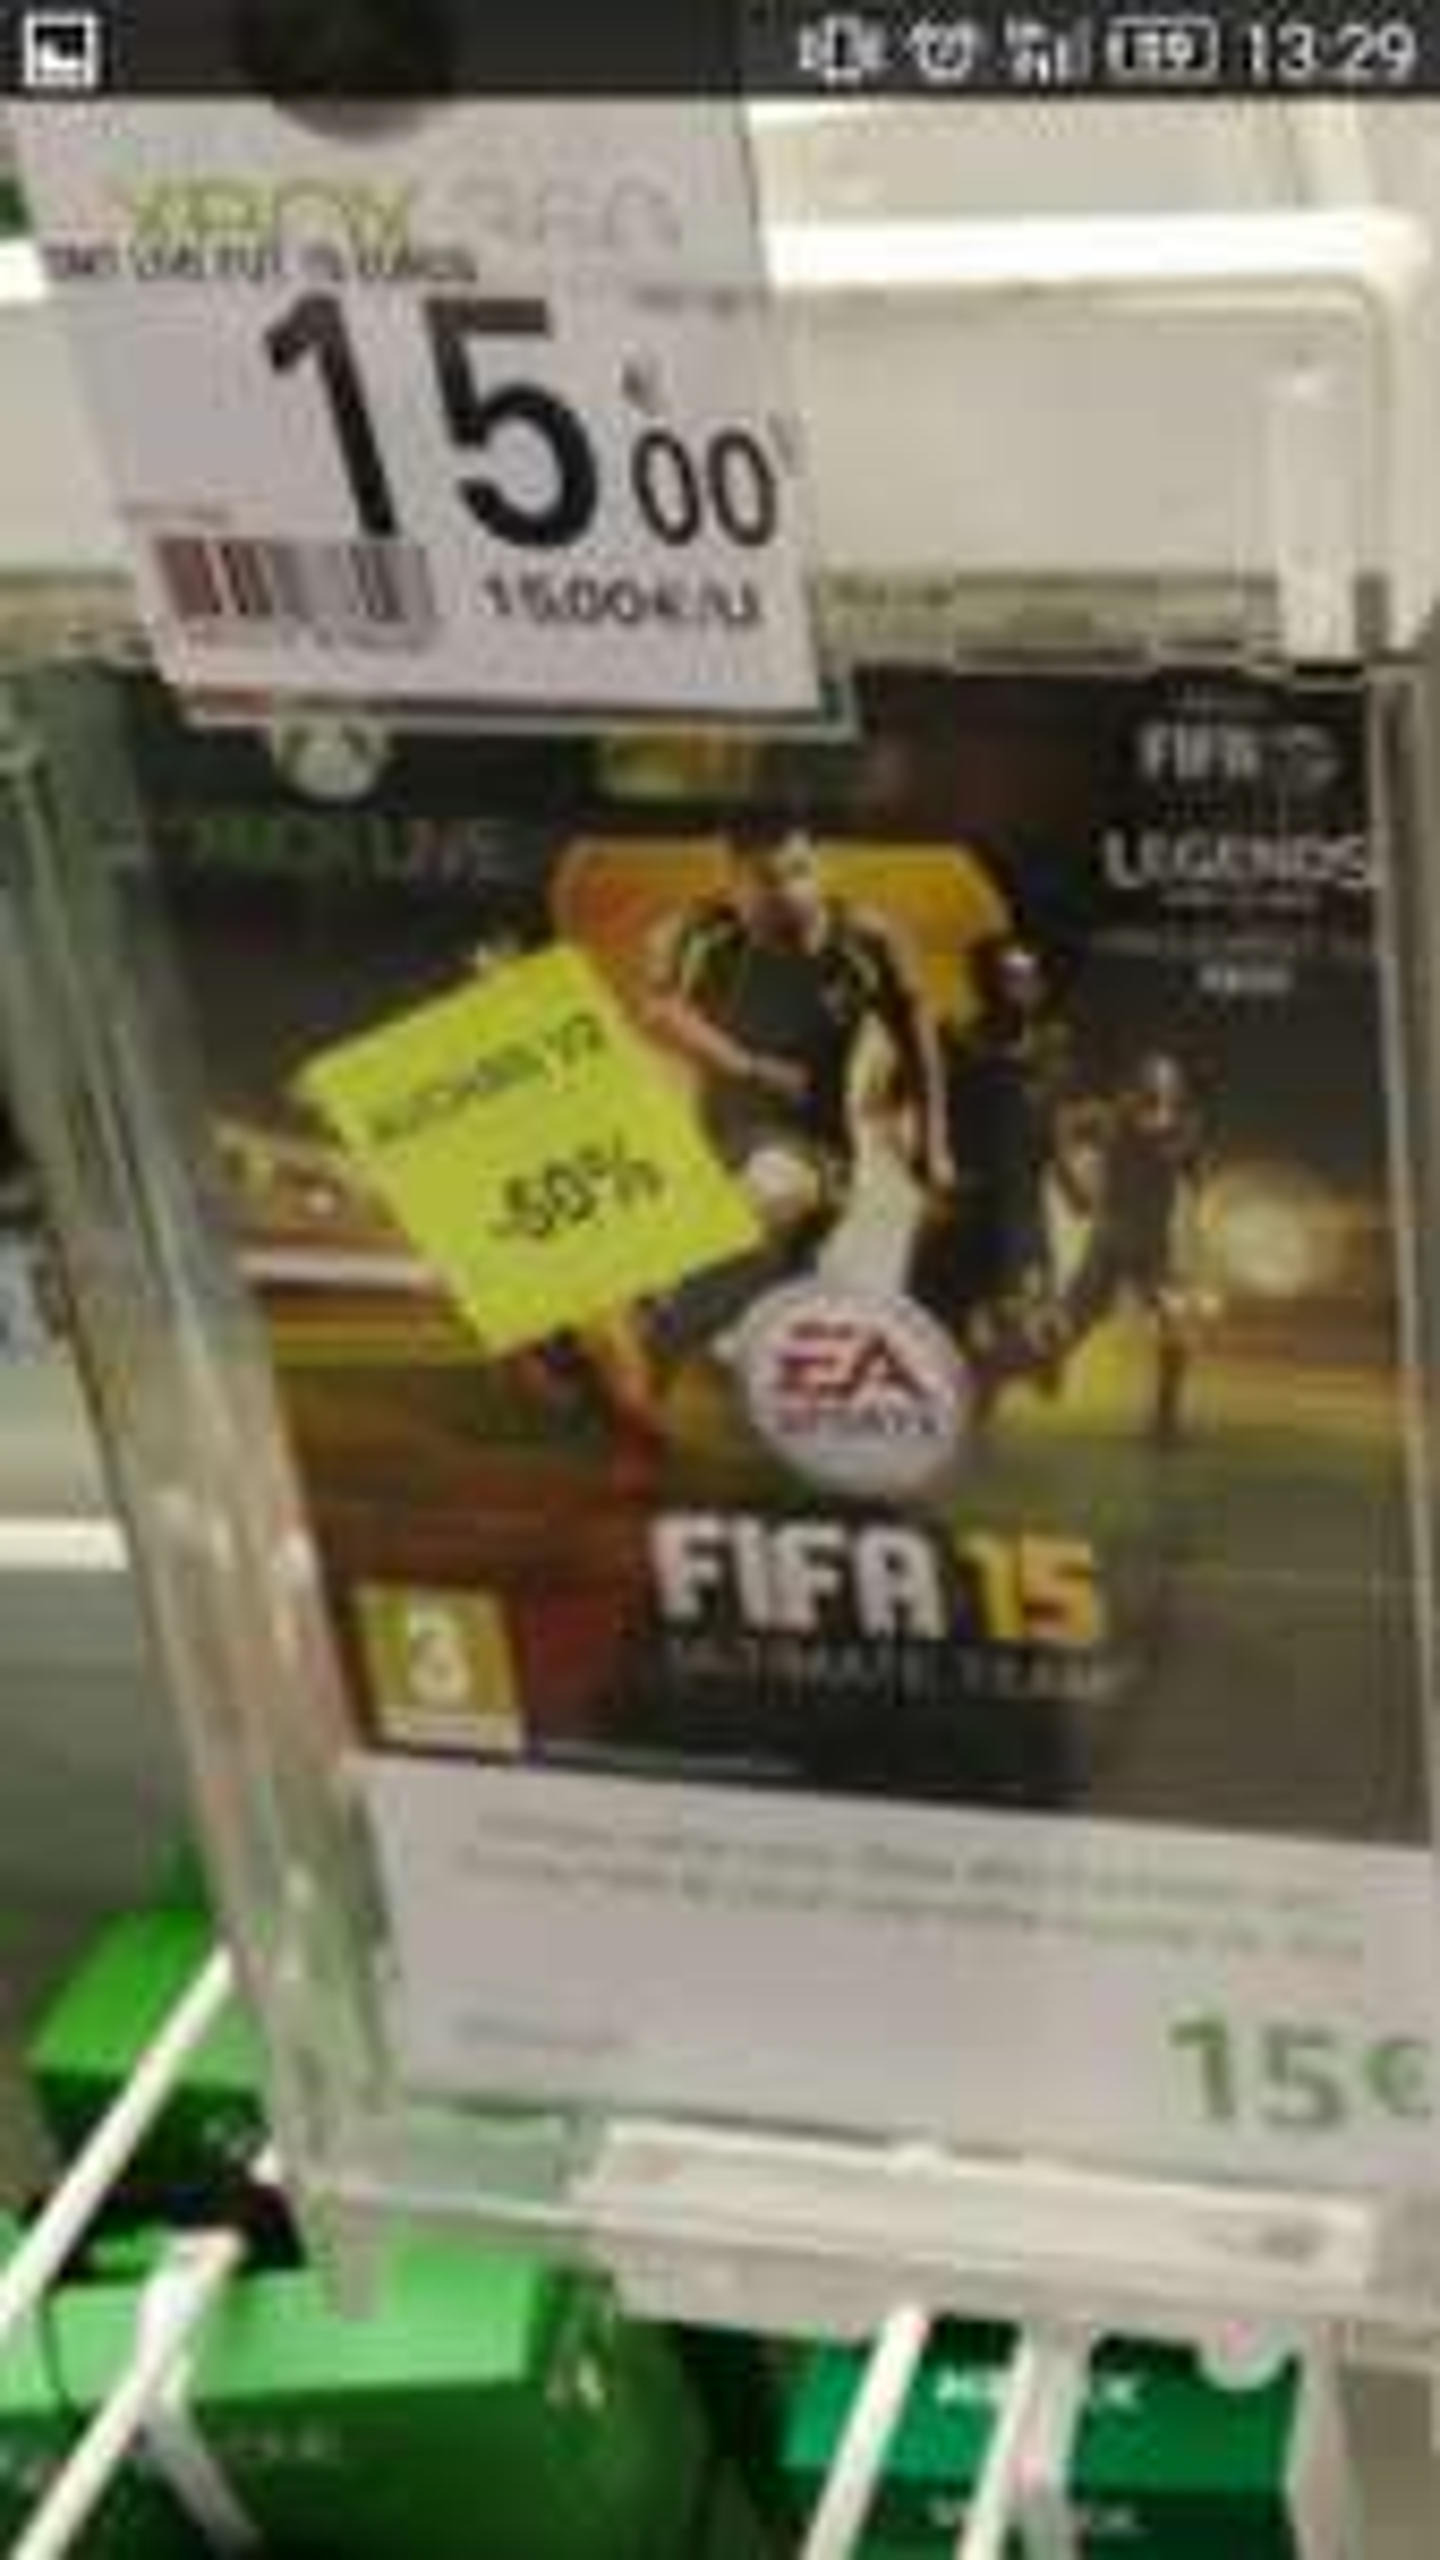 Carte Xbox live d'un montant de 15€